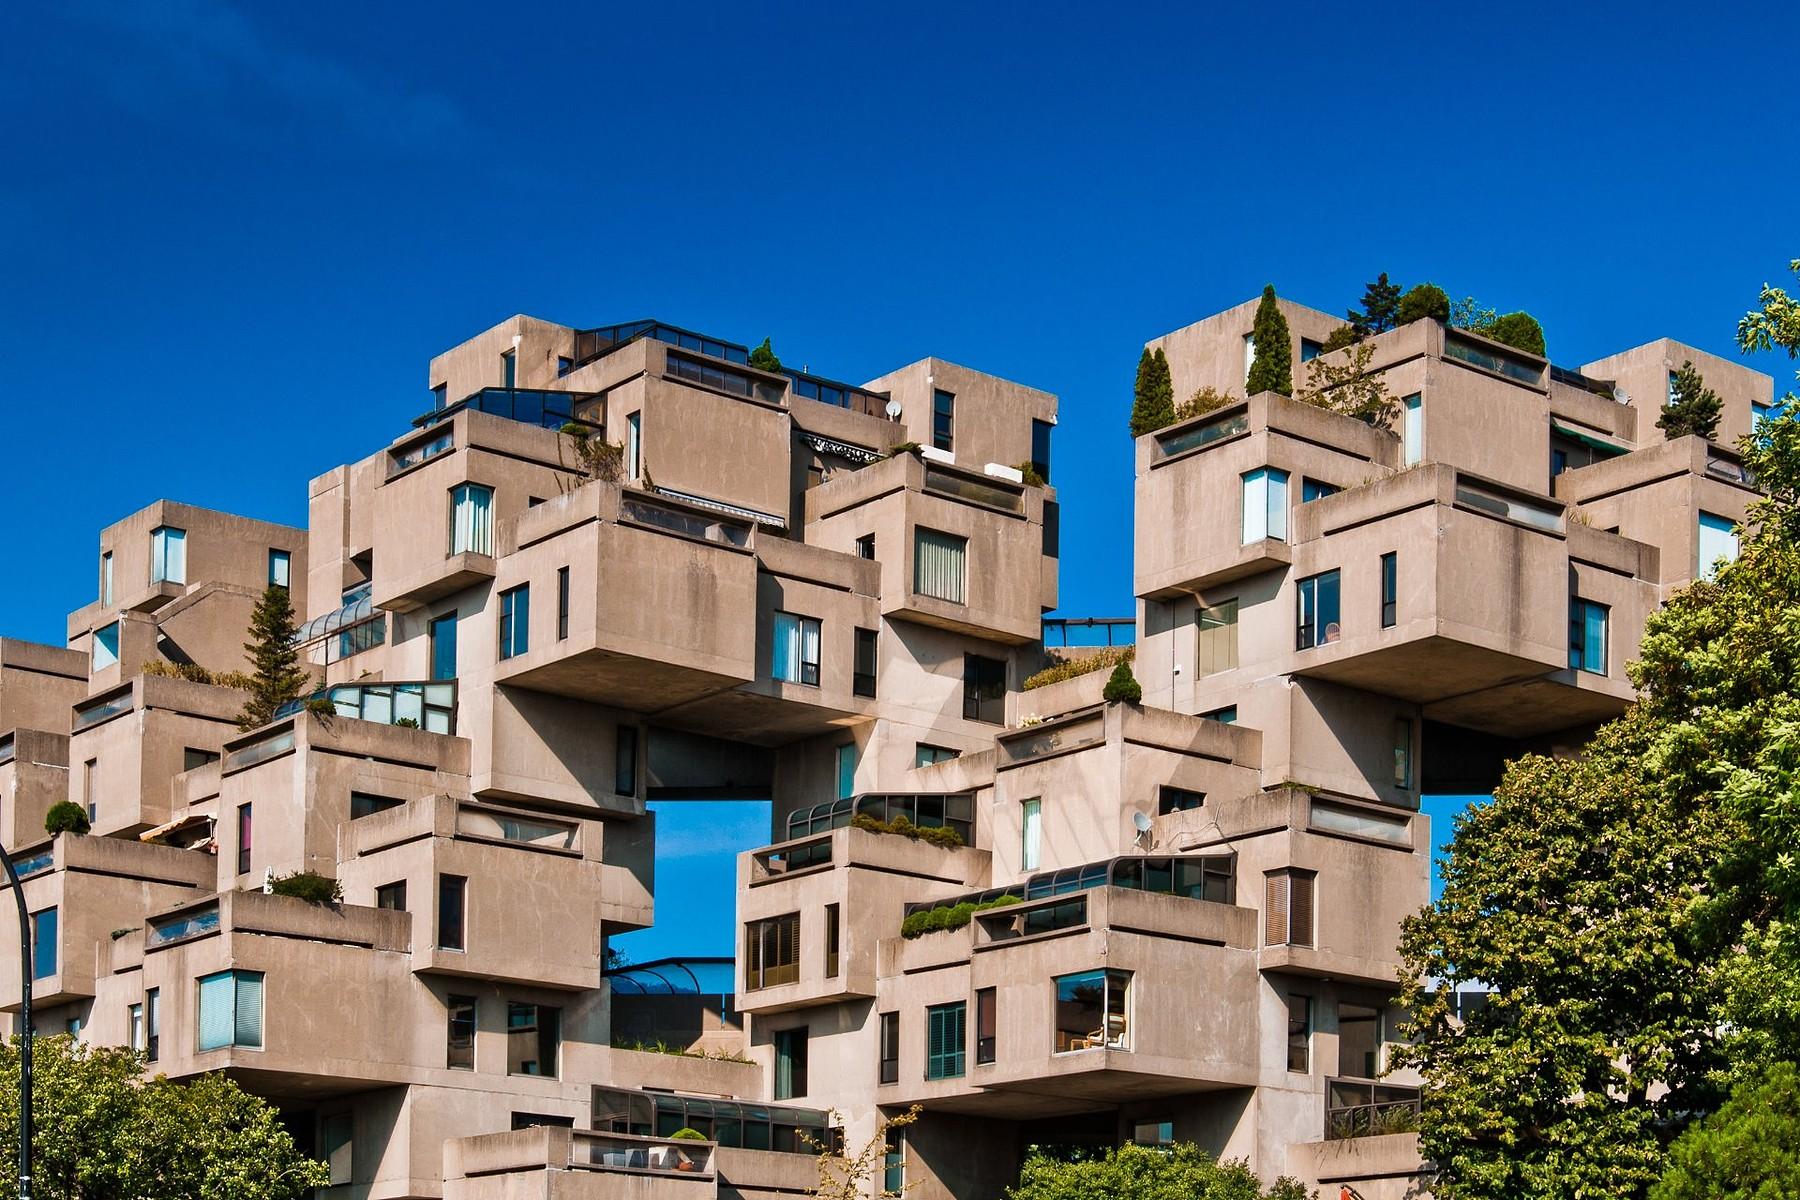 Condominium for Sale at Ville-Marie (Montréal), Montréal 2600 Av. Pierre-Dupuy, Apt. 611 Montreal, Quebec H3C3R6 Canada